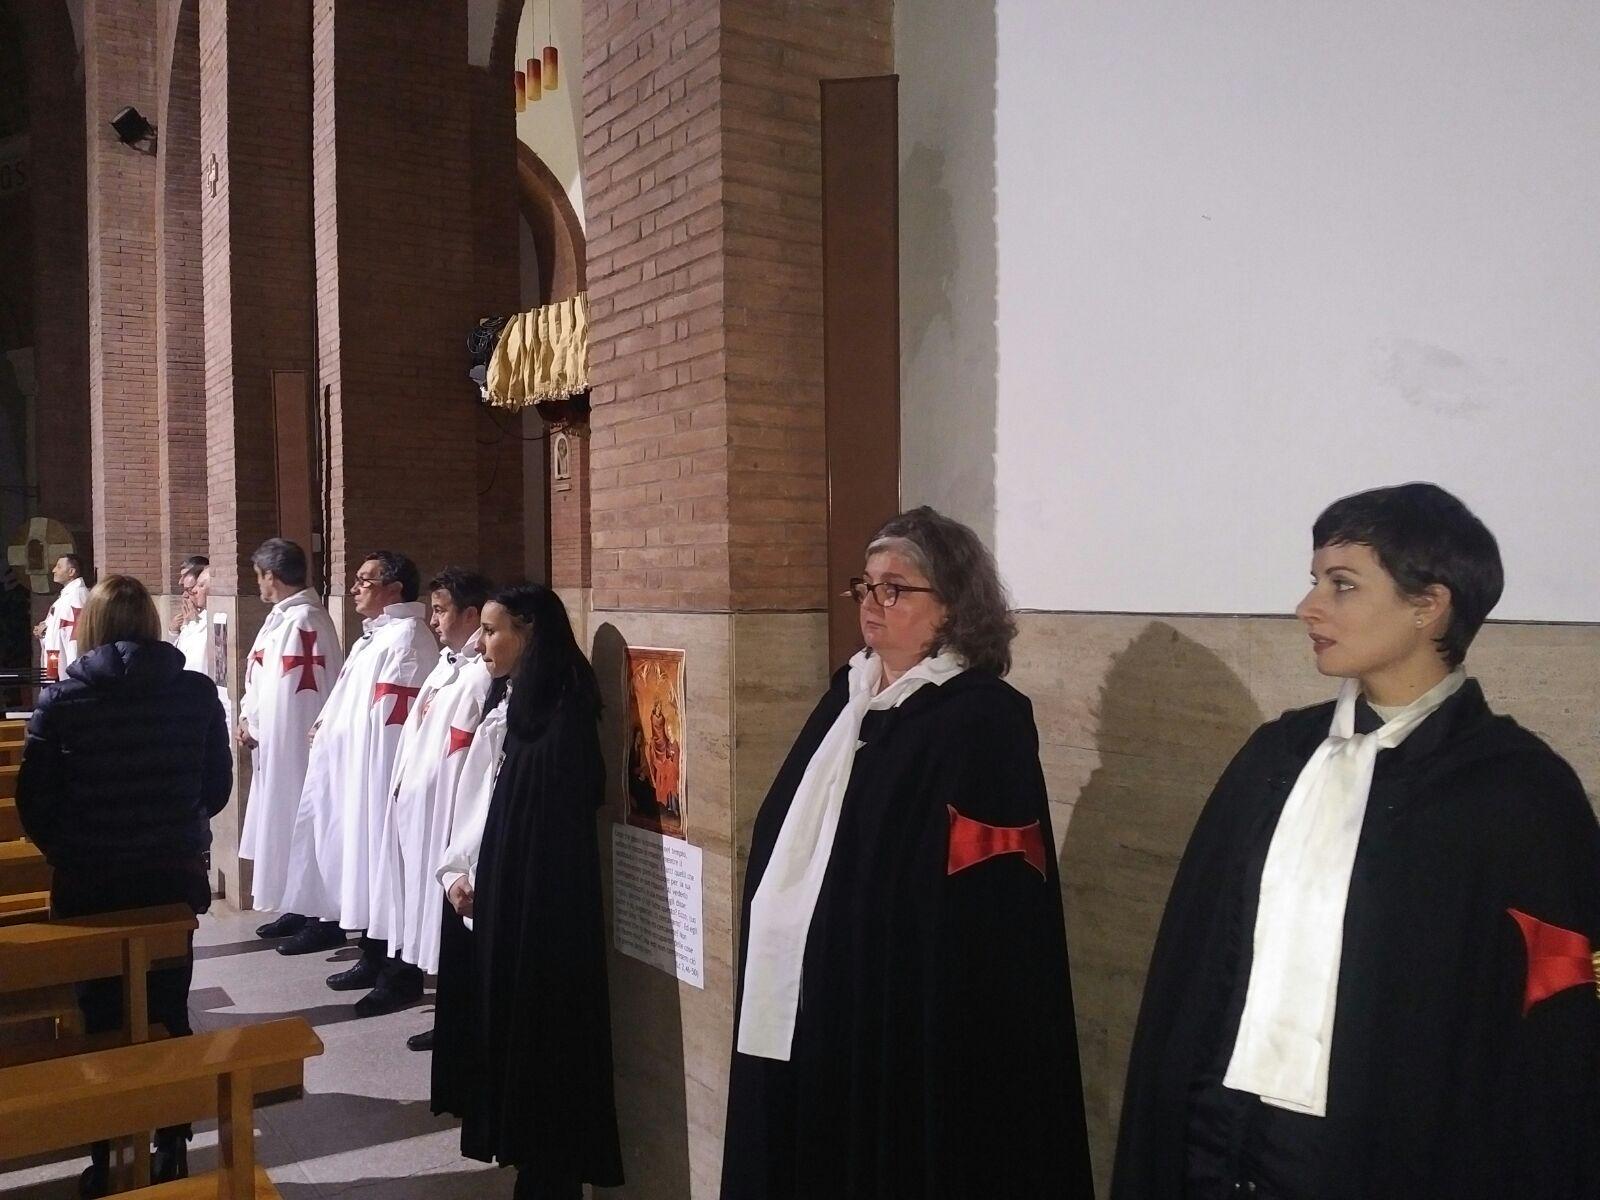 I Templari Cattolici d'Italia partecipano alla Santa Messa, Camminata Silenziosa per la fede e Convegno Storico-Culturale a Grosseto.